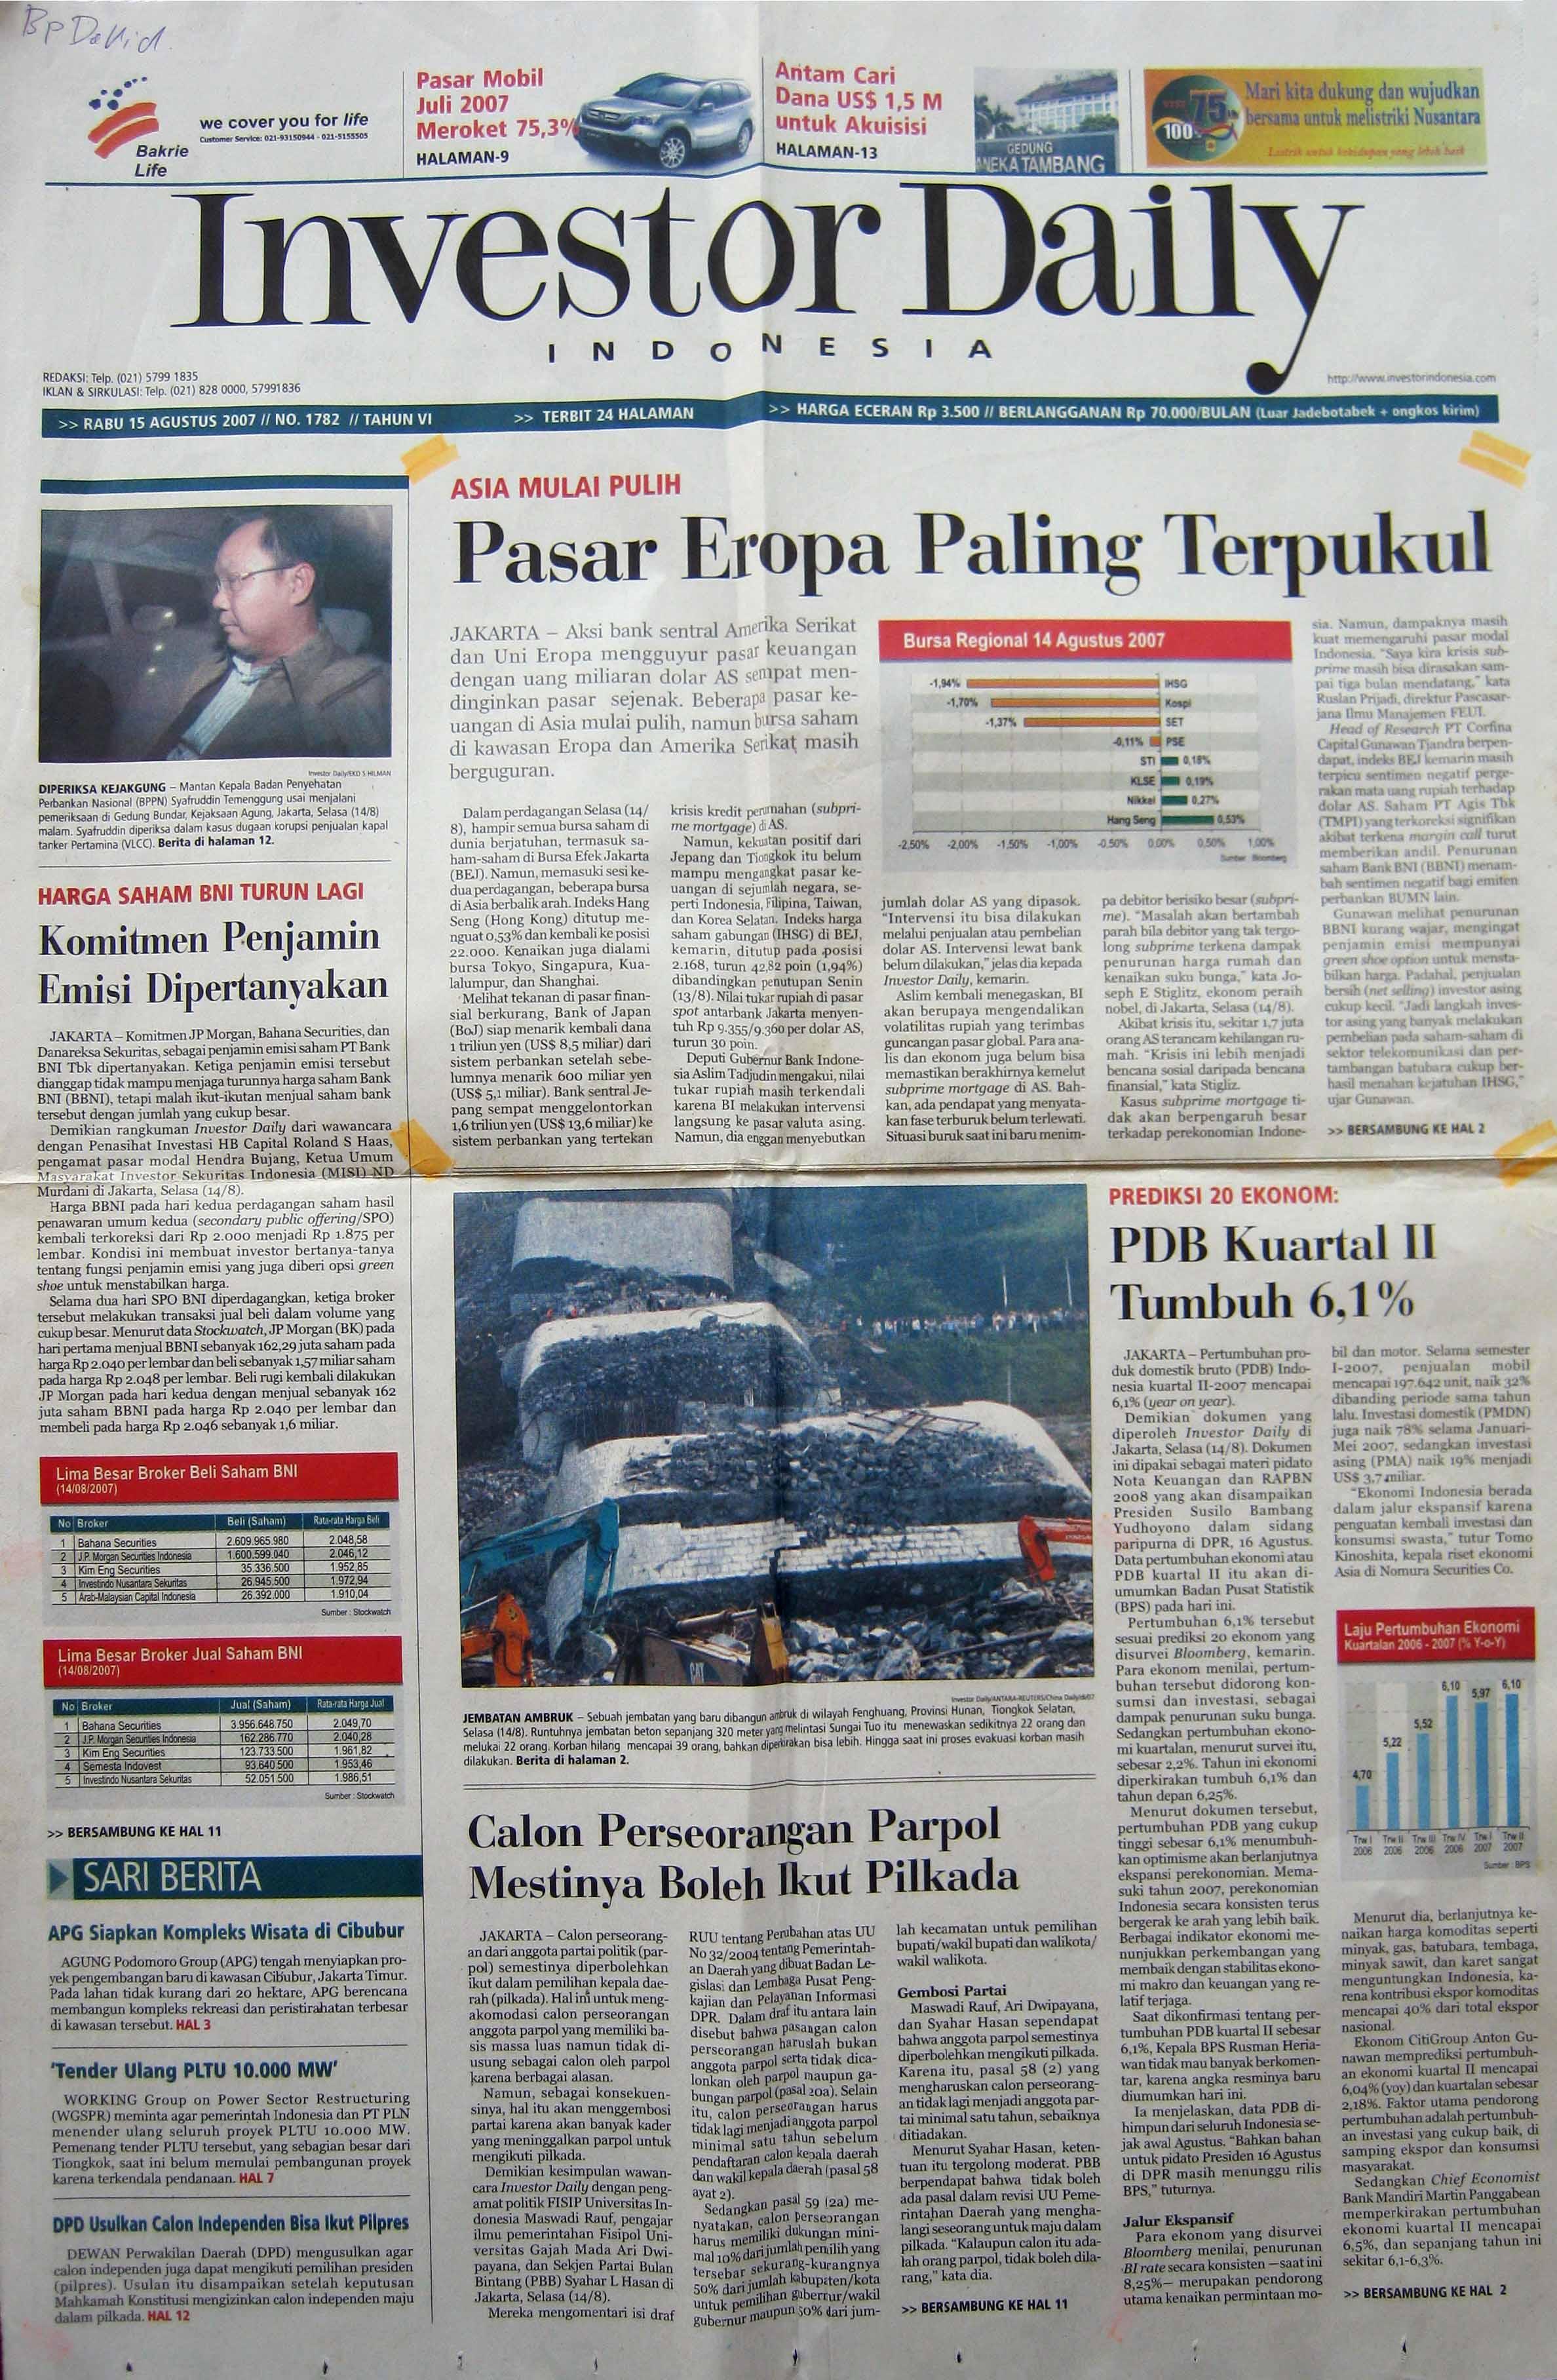 8. 15 Agustus 2007 - Pasar Eropa Paling Terpukul